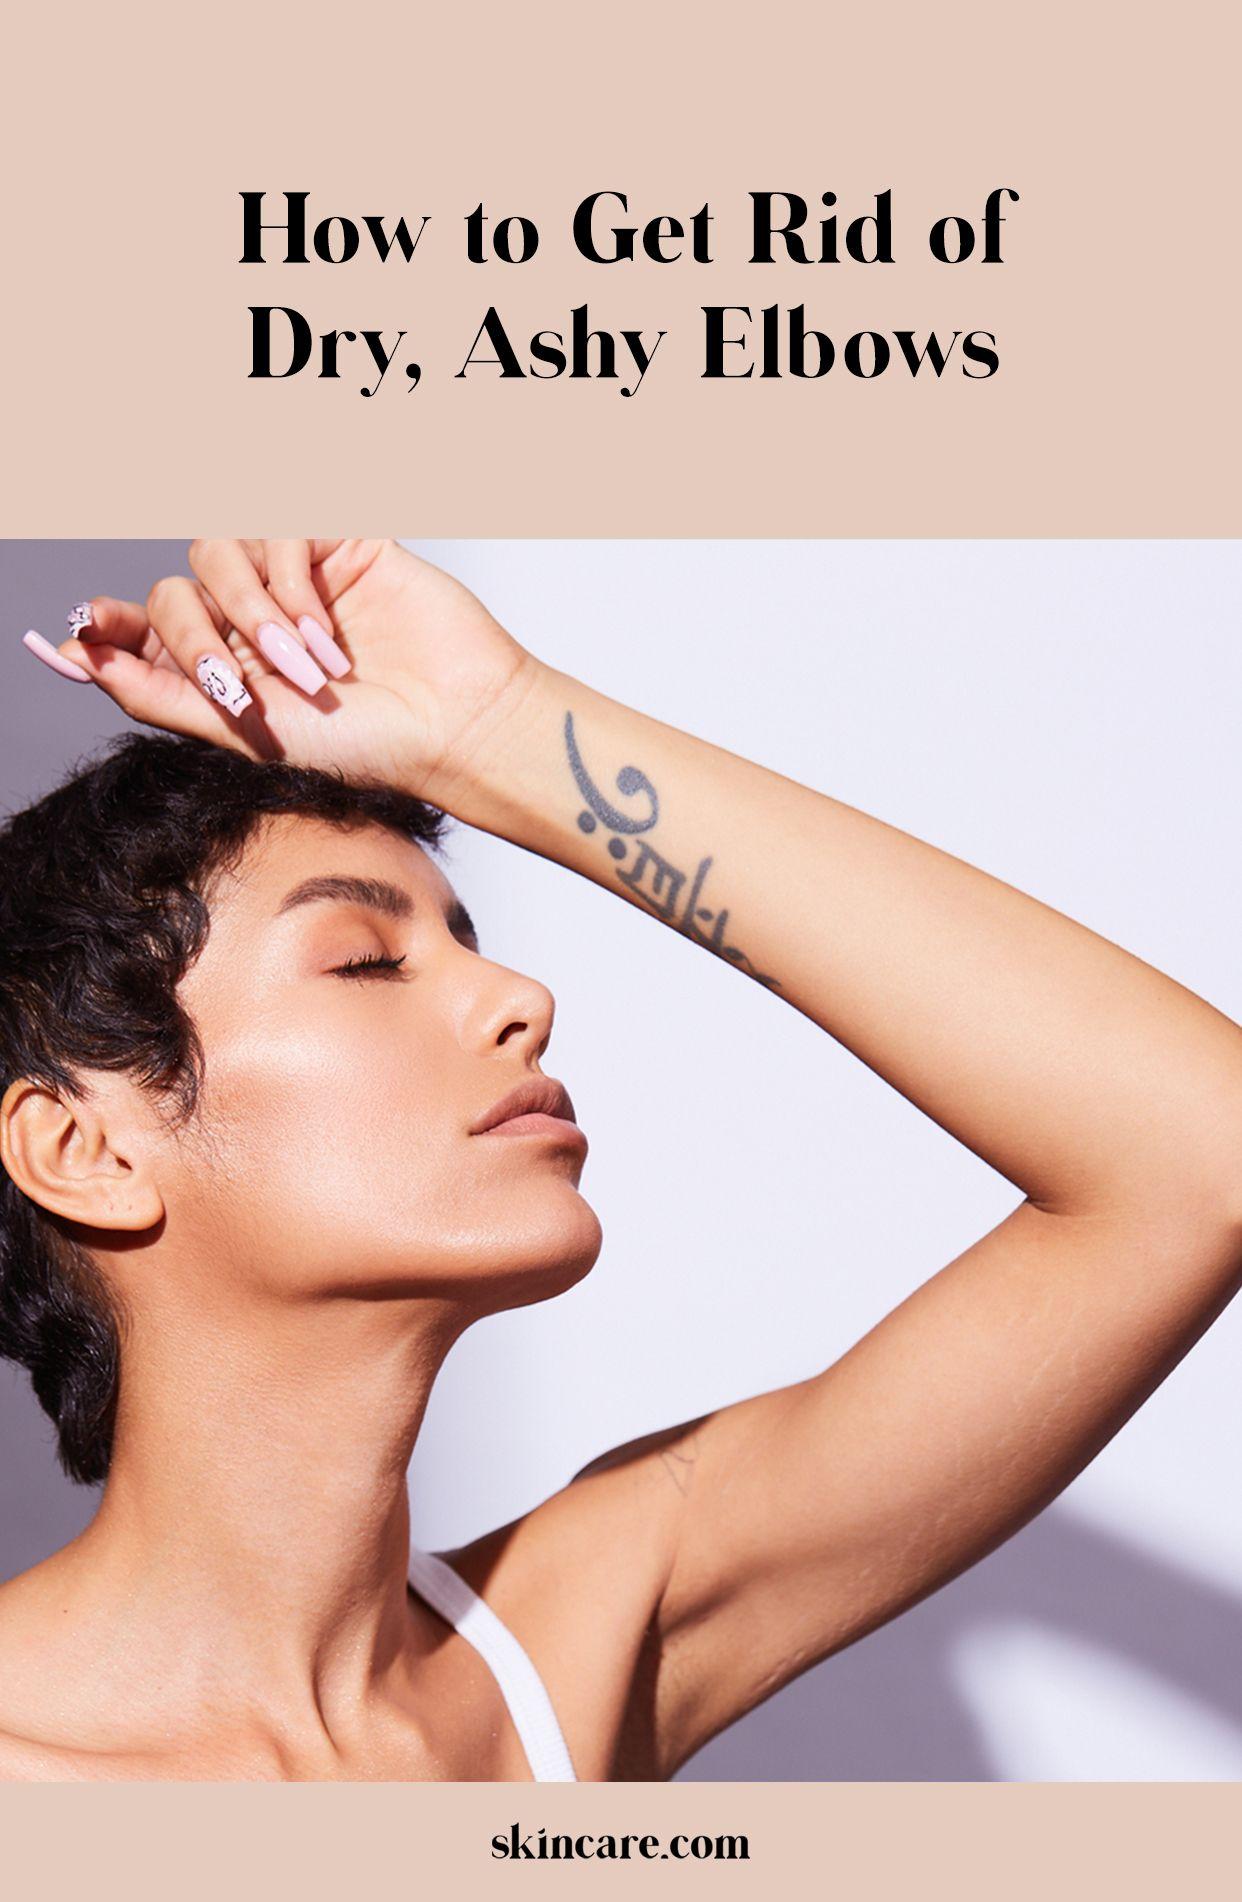 by L'Oréal in 2020 Skin advice, Dry skincare, Body skin care